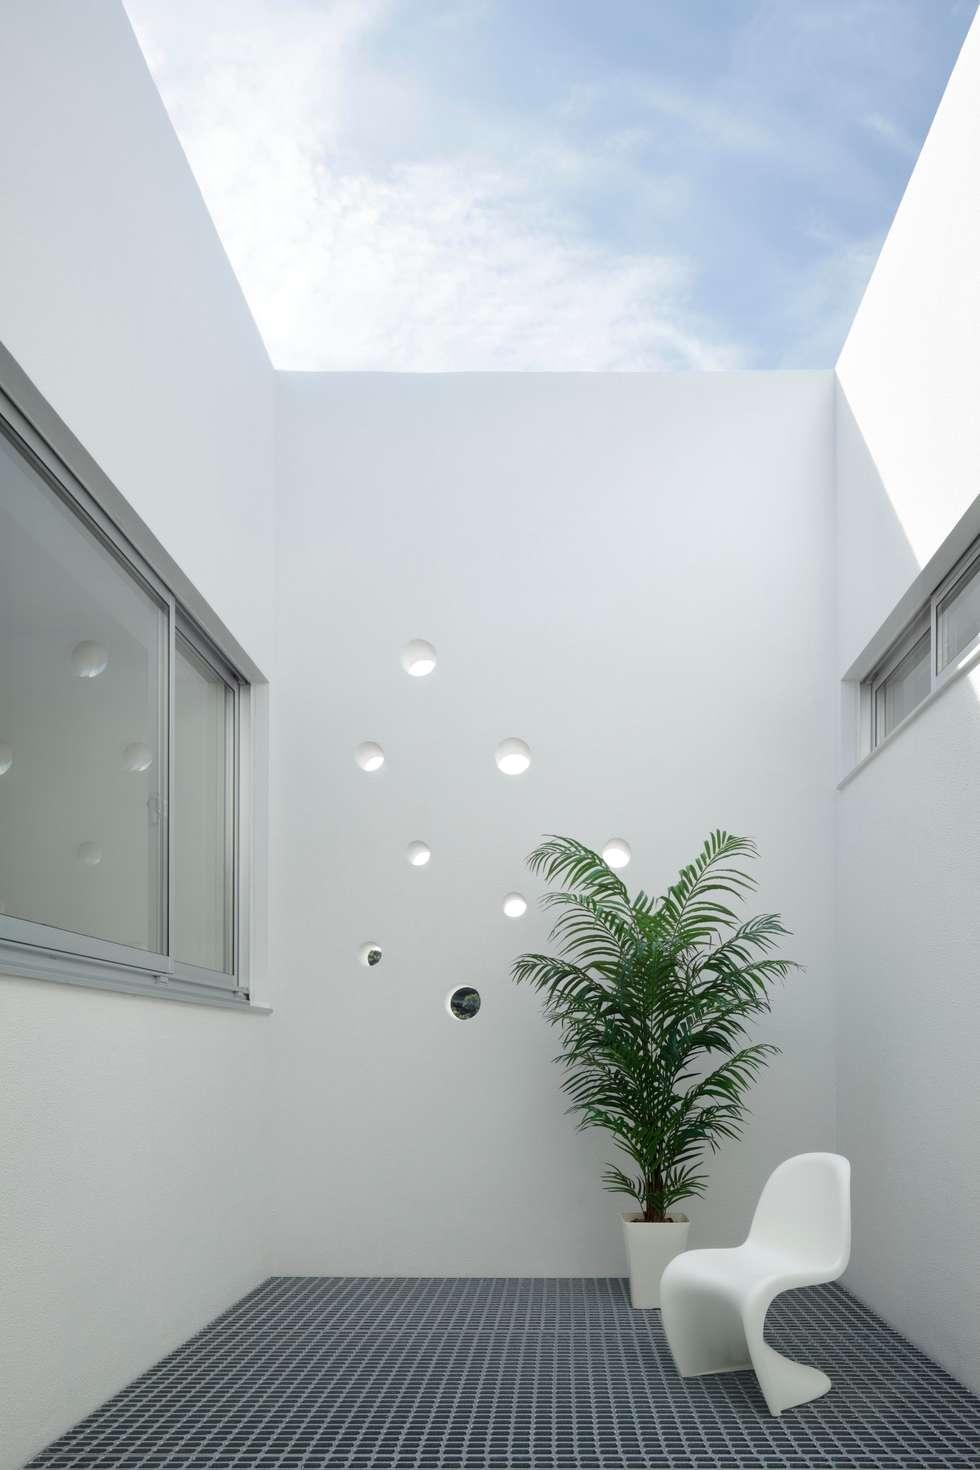 2階 屋上庭園: 久保田正一建築研究所が手掛けた庭です。